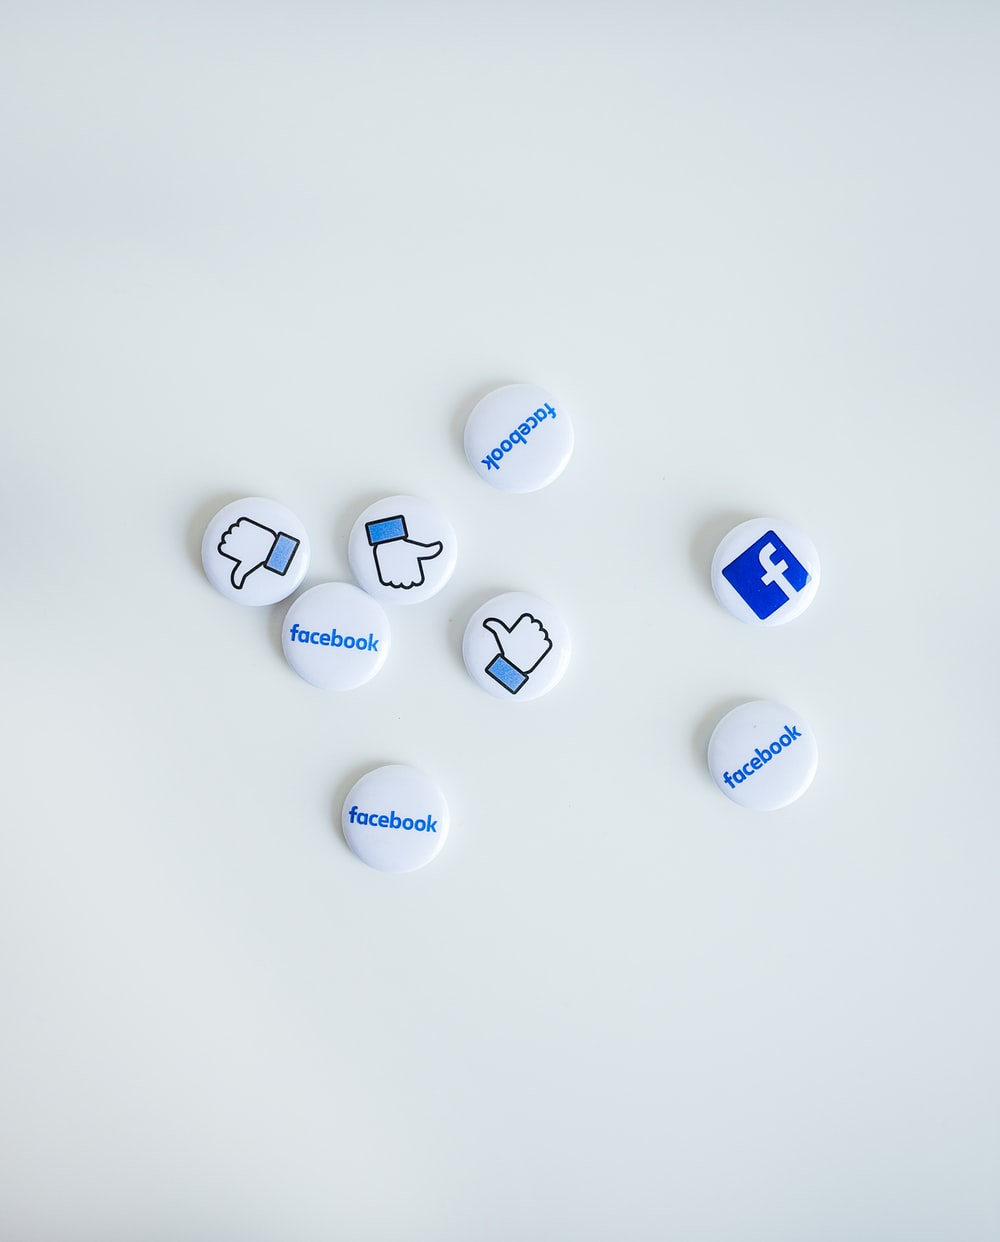 facebook button pins